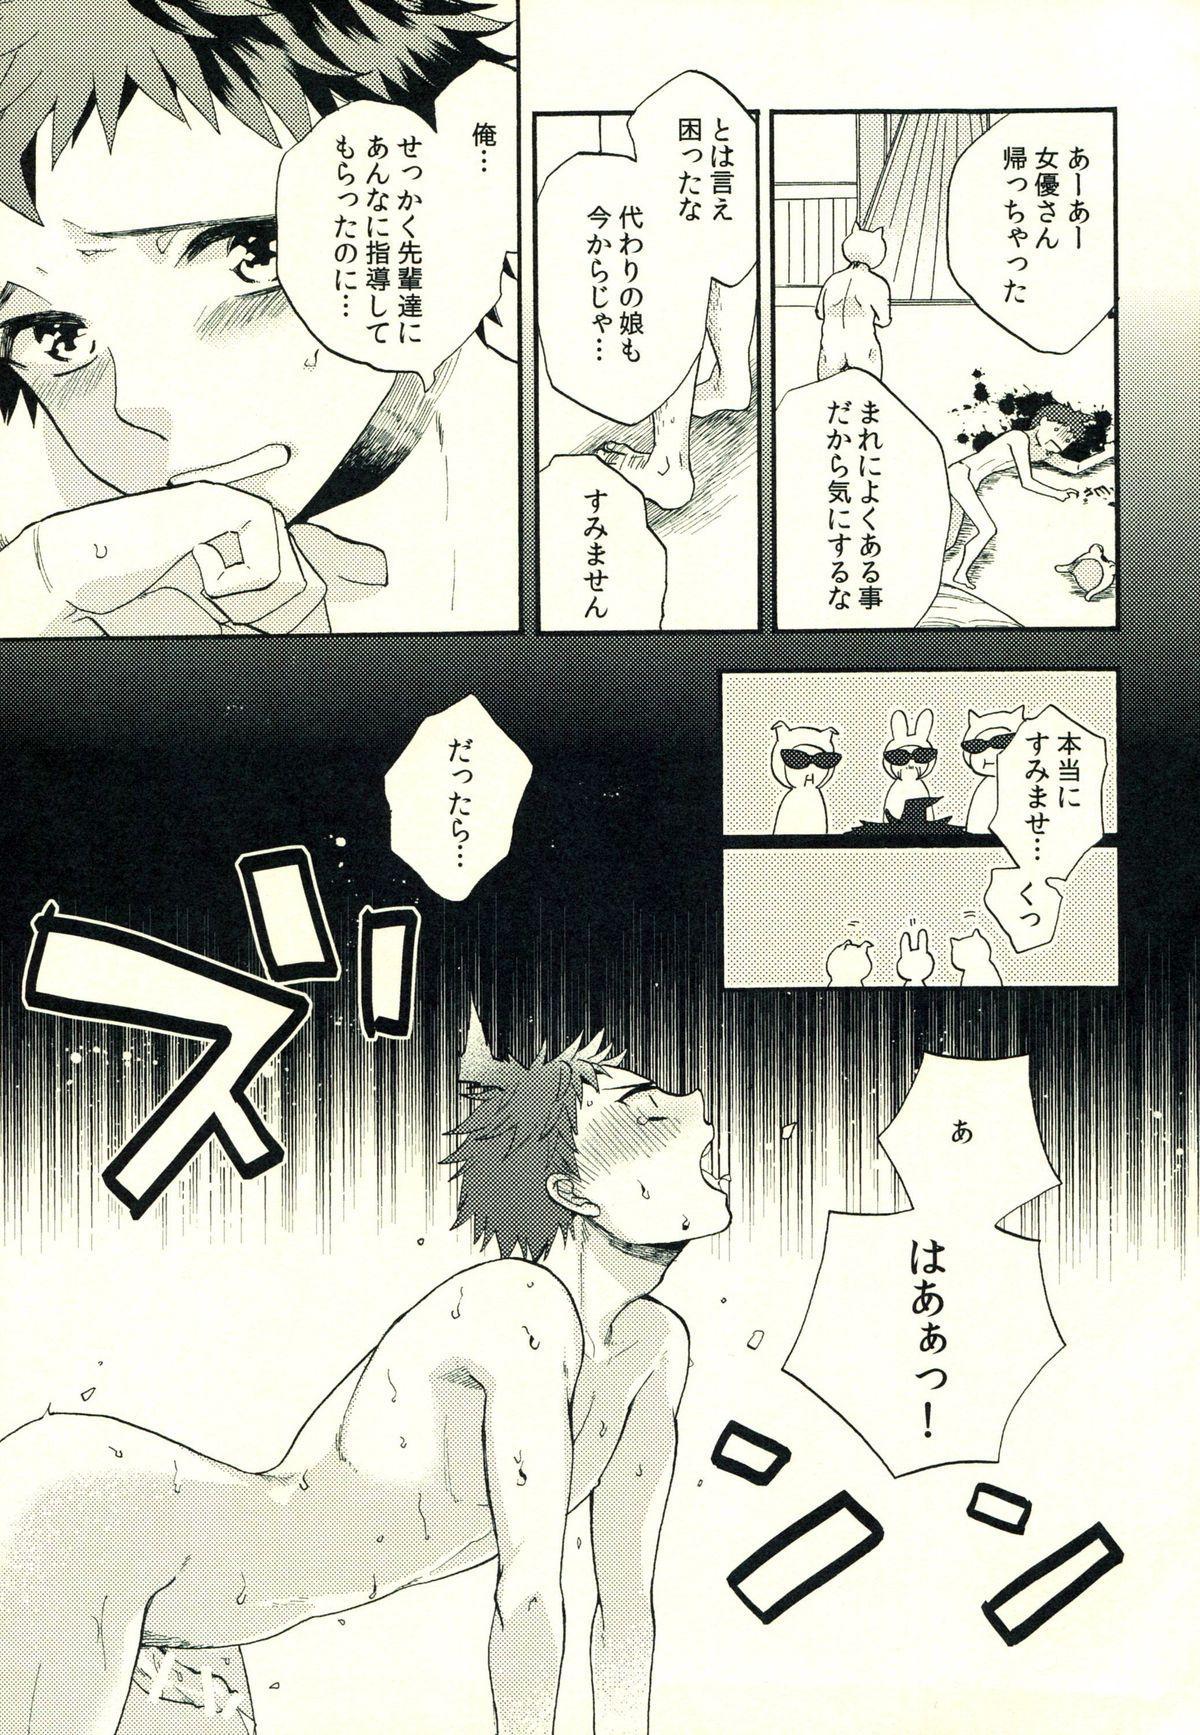 Hinata Hajime no Himitsu no Jikan 15